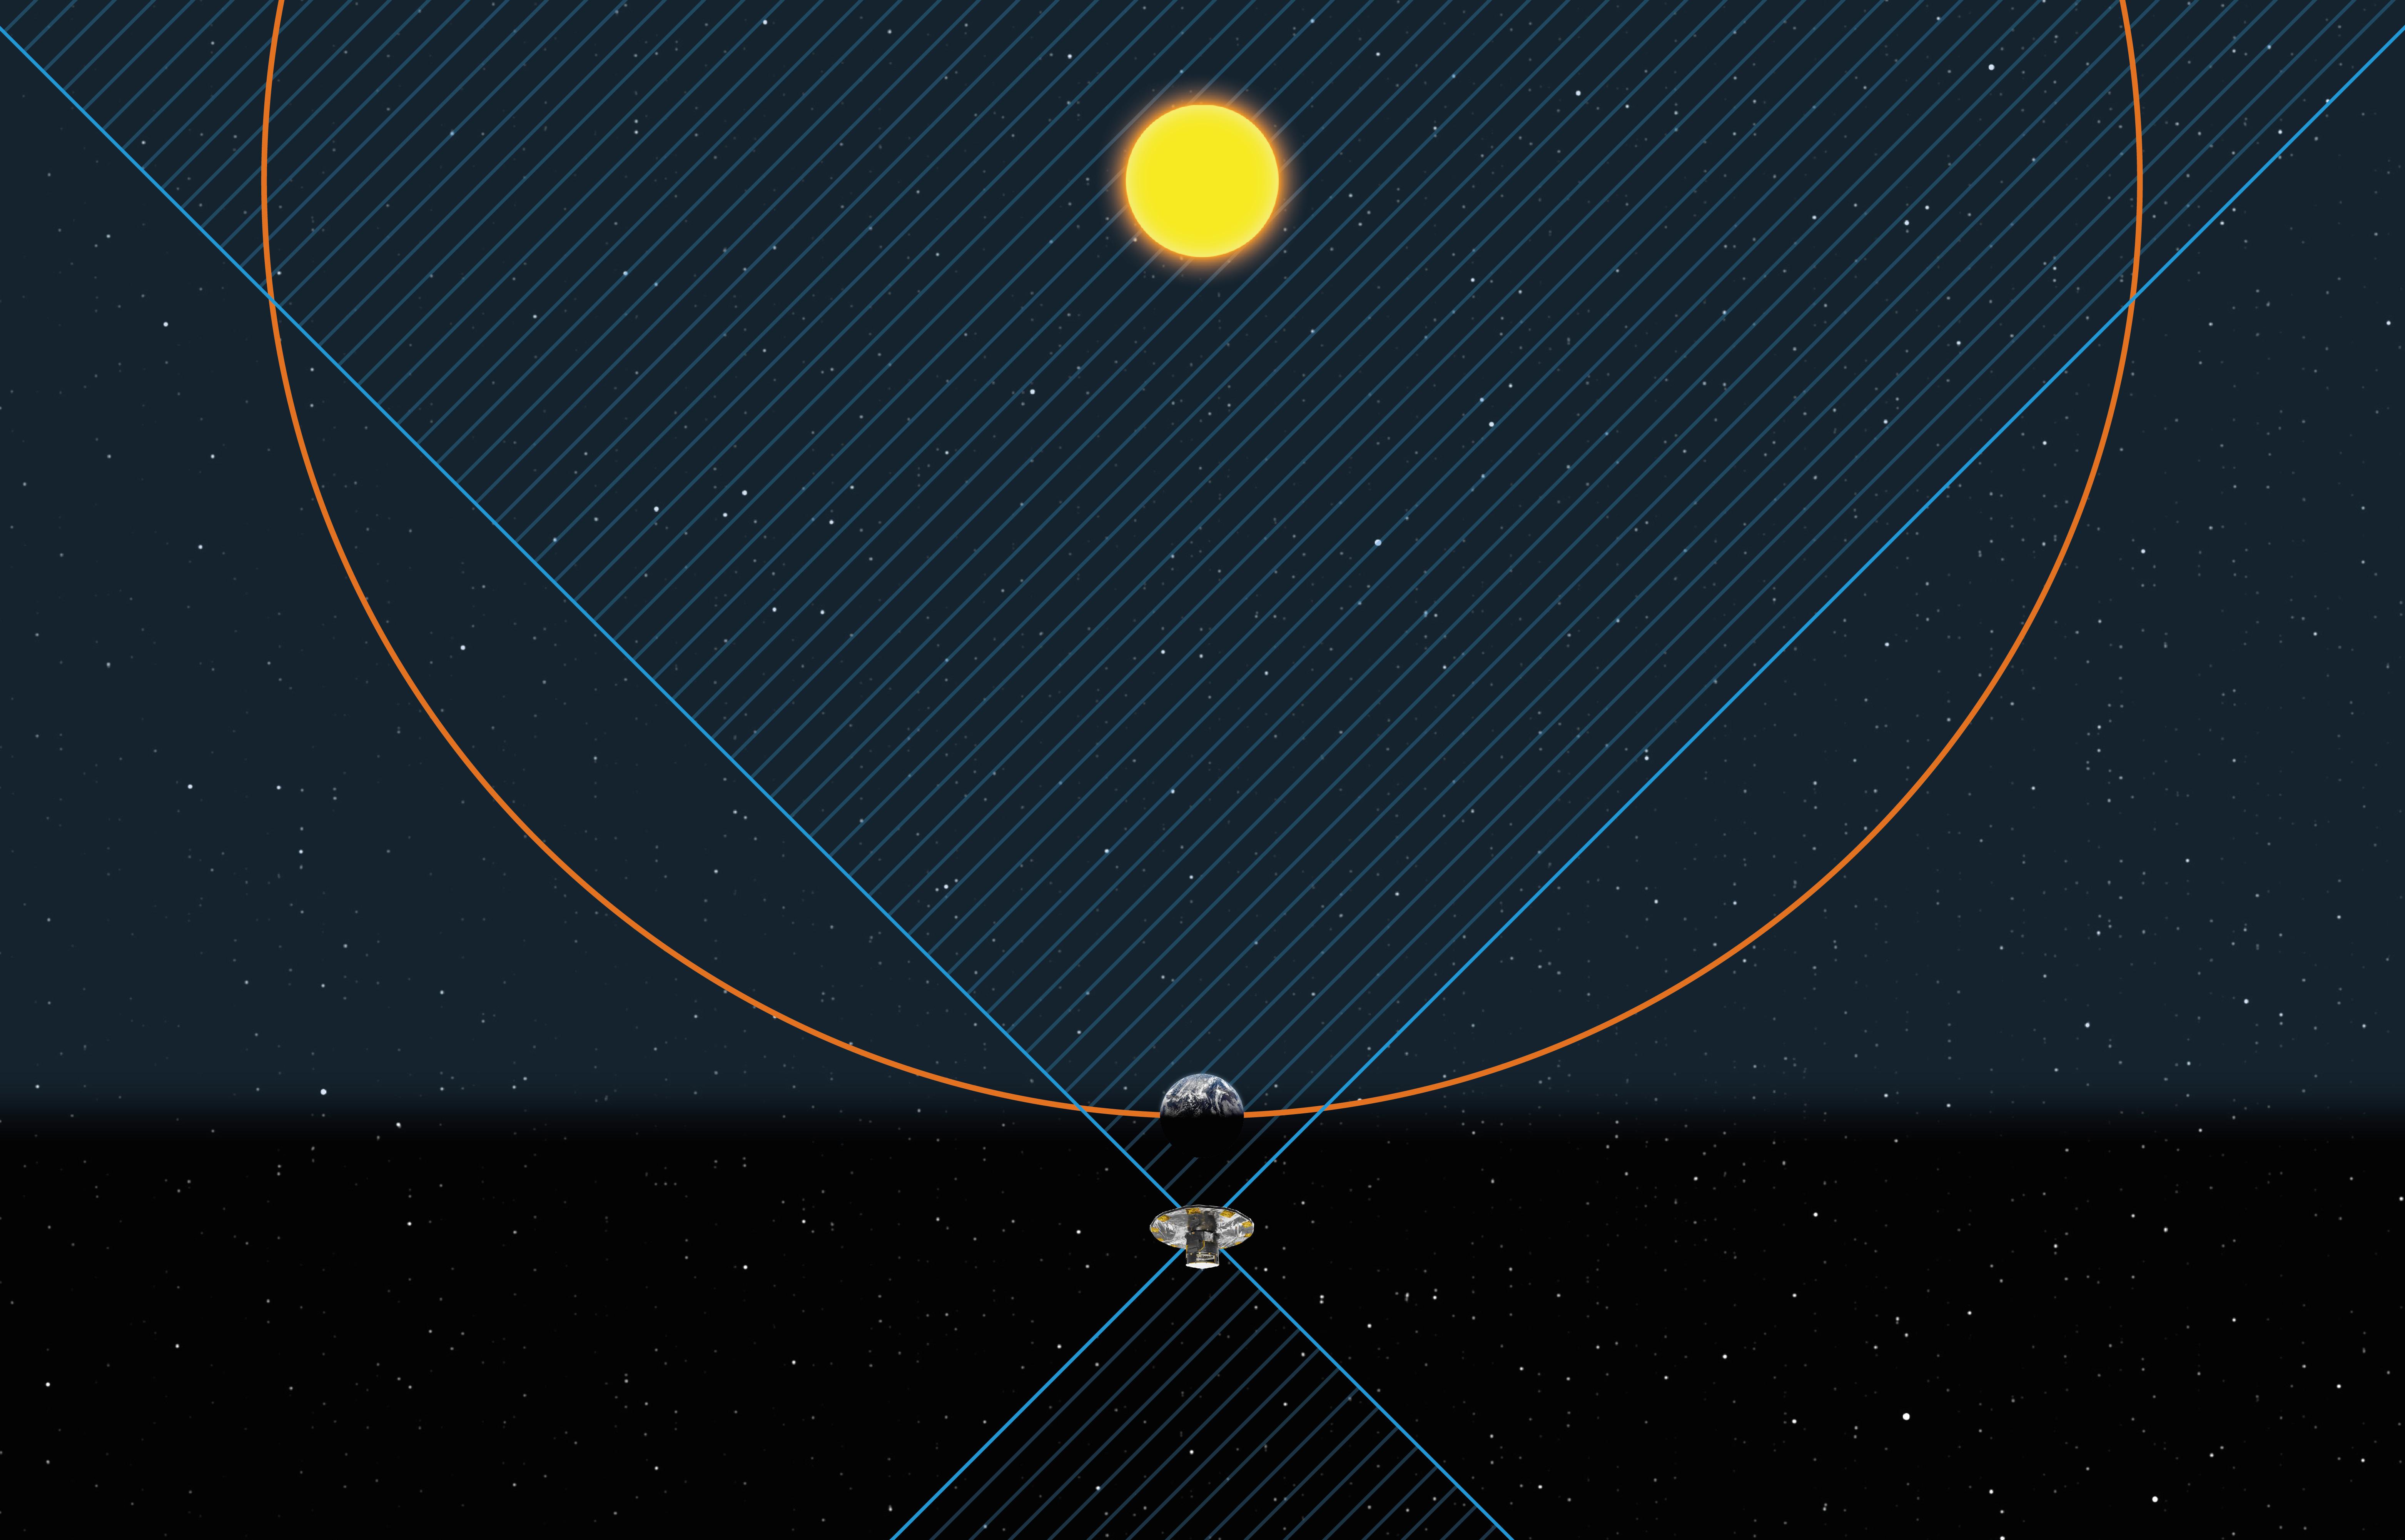 1567214490277-Gaia_asteroid_region_near_sun.jpg